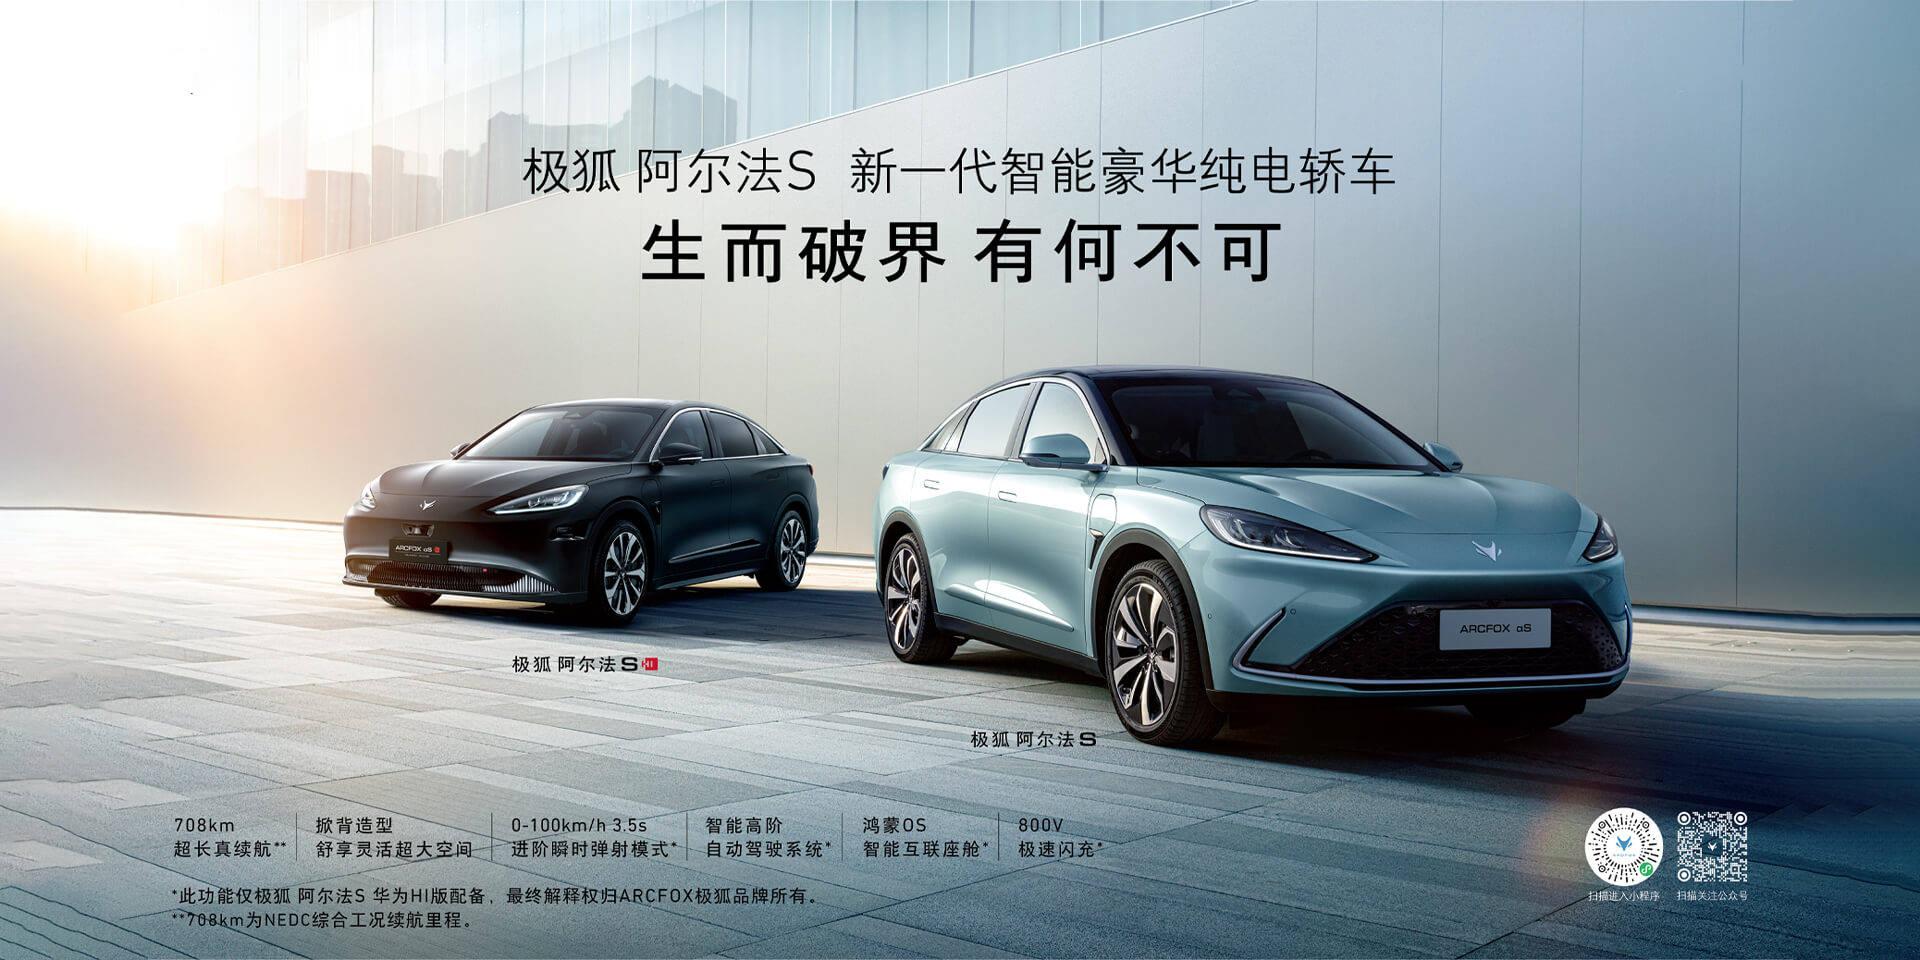 ARCFOX极狐阿尔法S,如何定义新一代智能豪华纯电轿车_华为